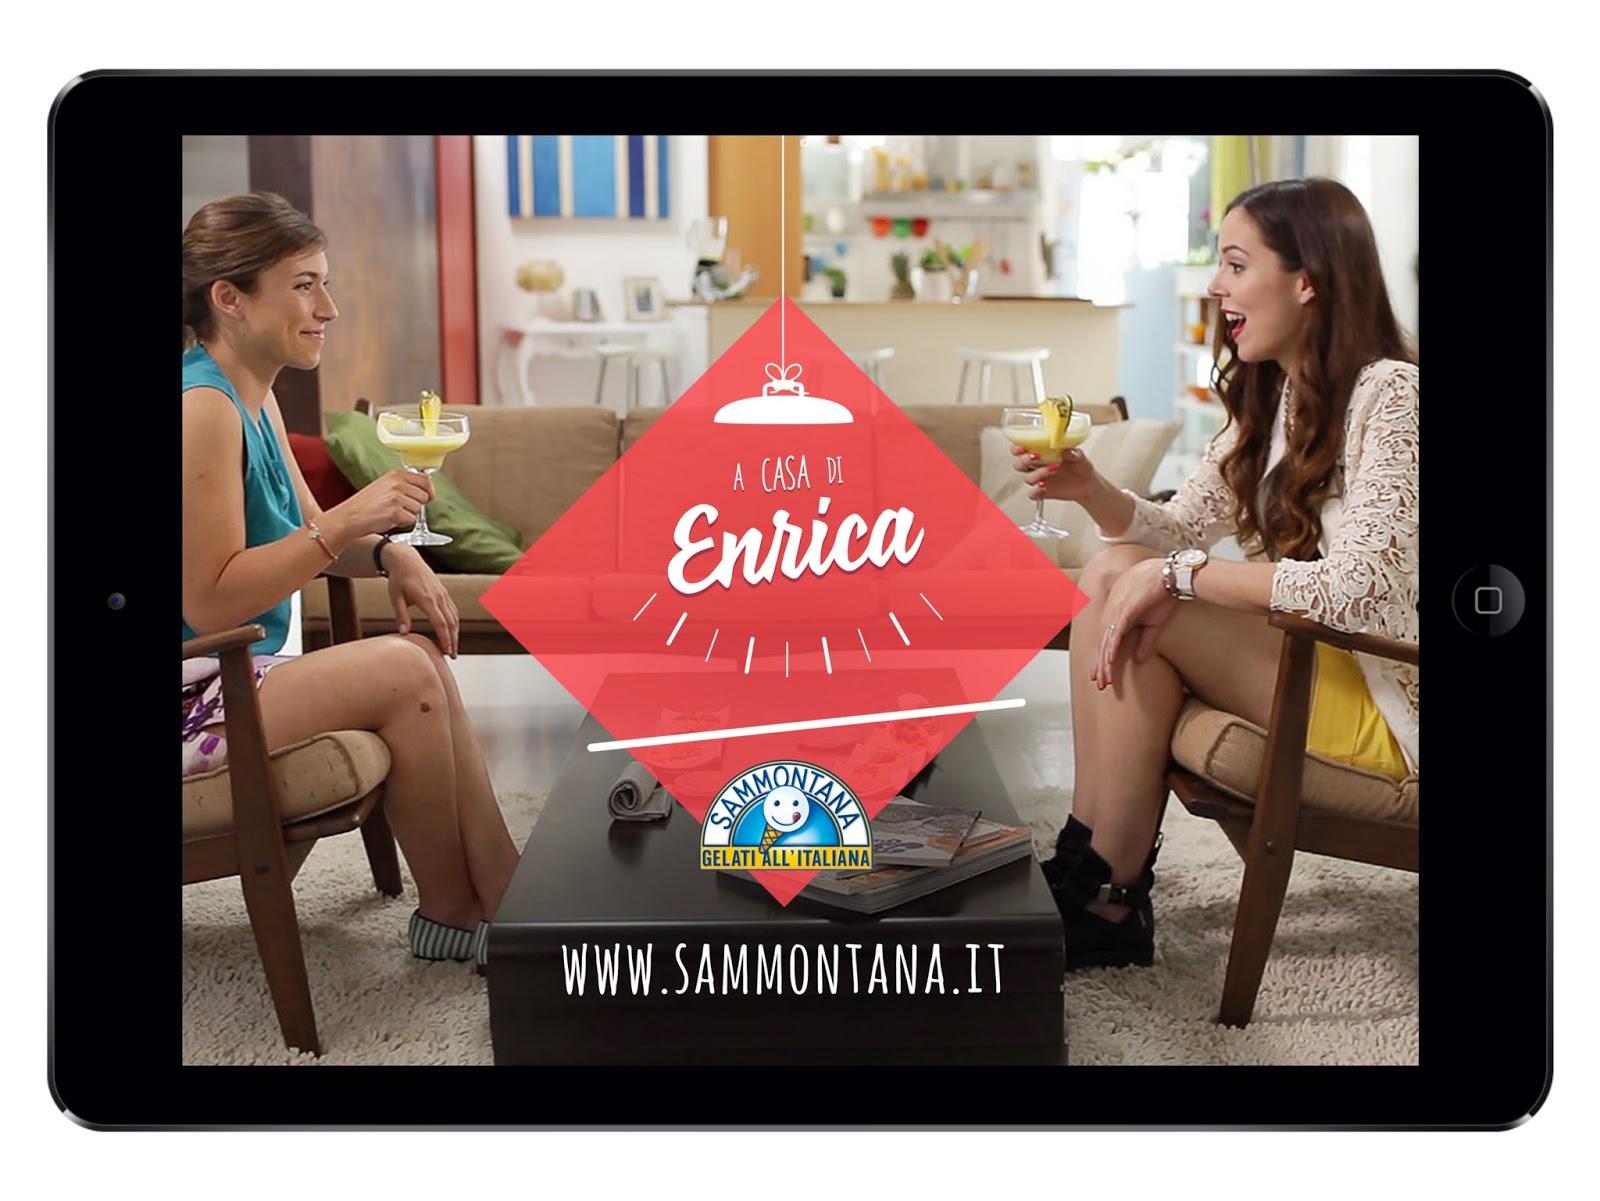 a_casa_di_enrica